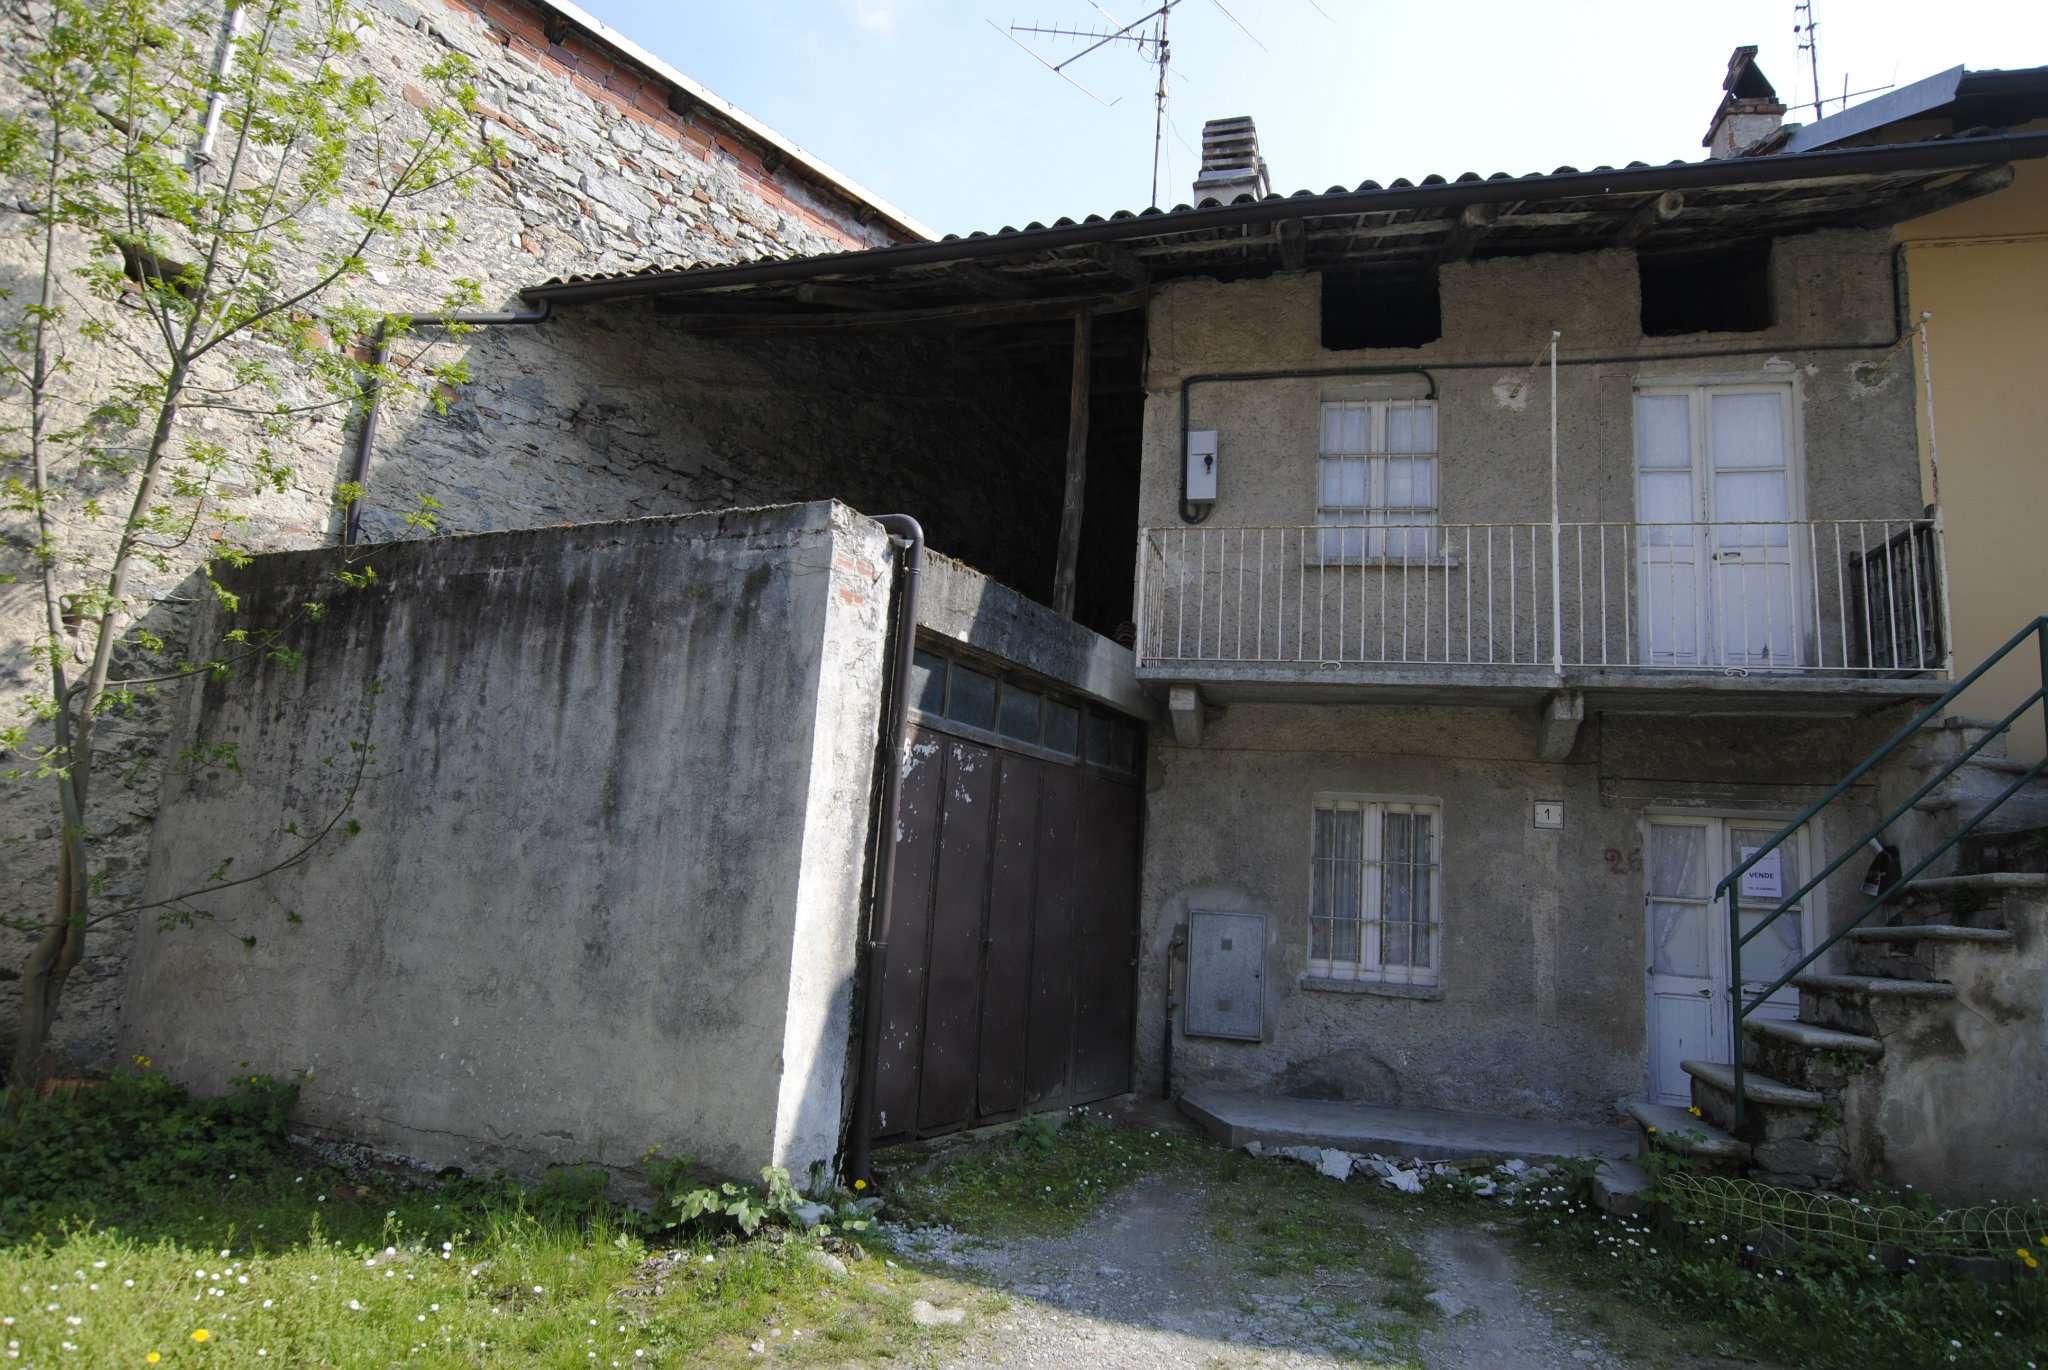 Rustico / Casale in vendita a Villar Focchiardo, 2 locali, prezzo € 25.000 | CambioCasa.it